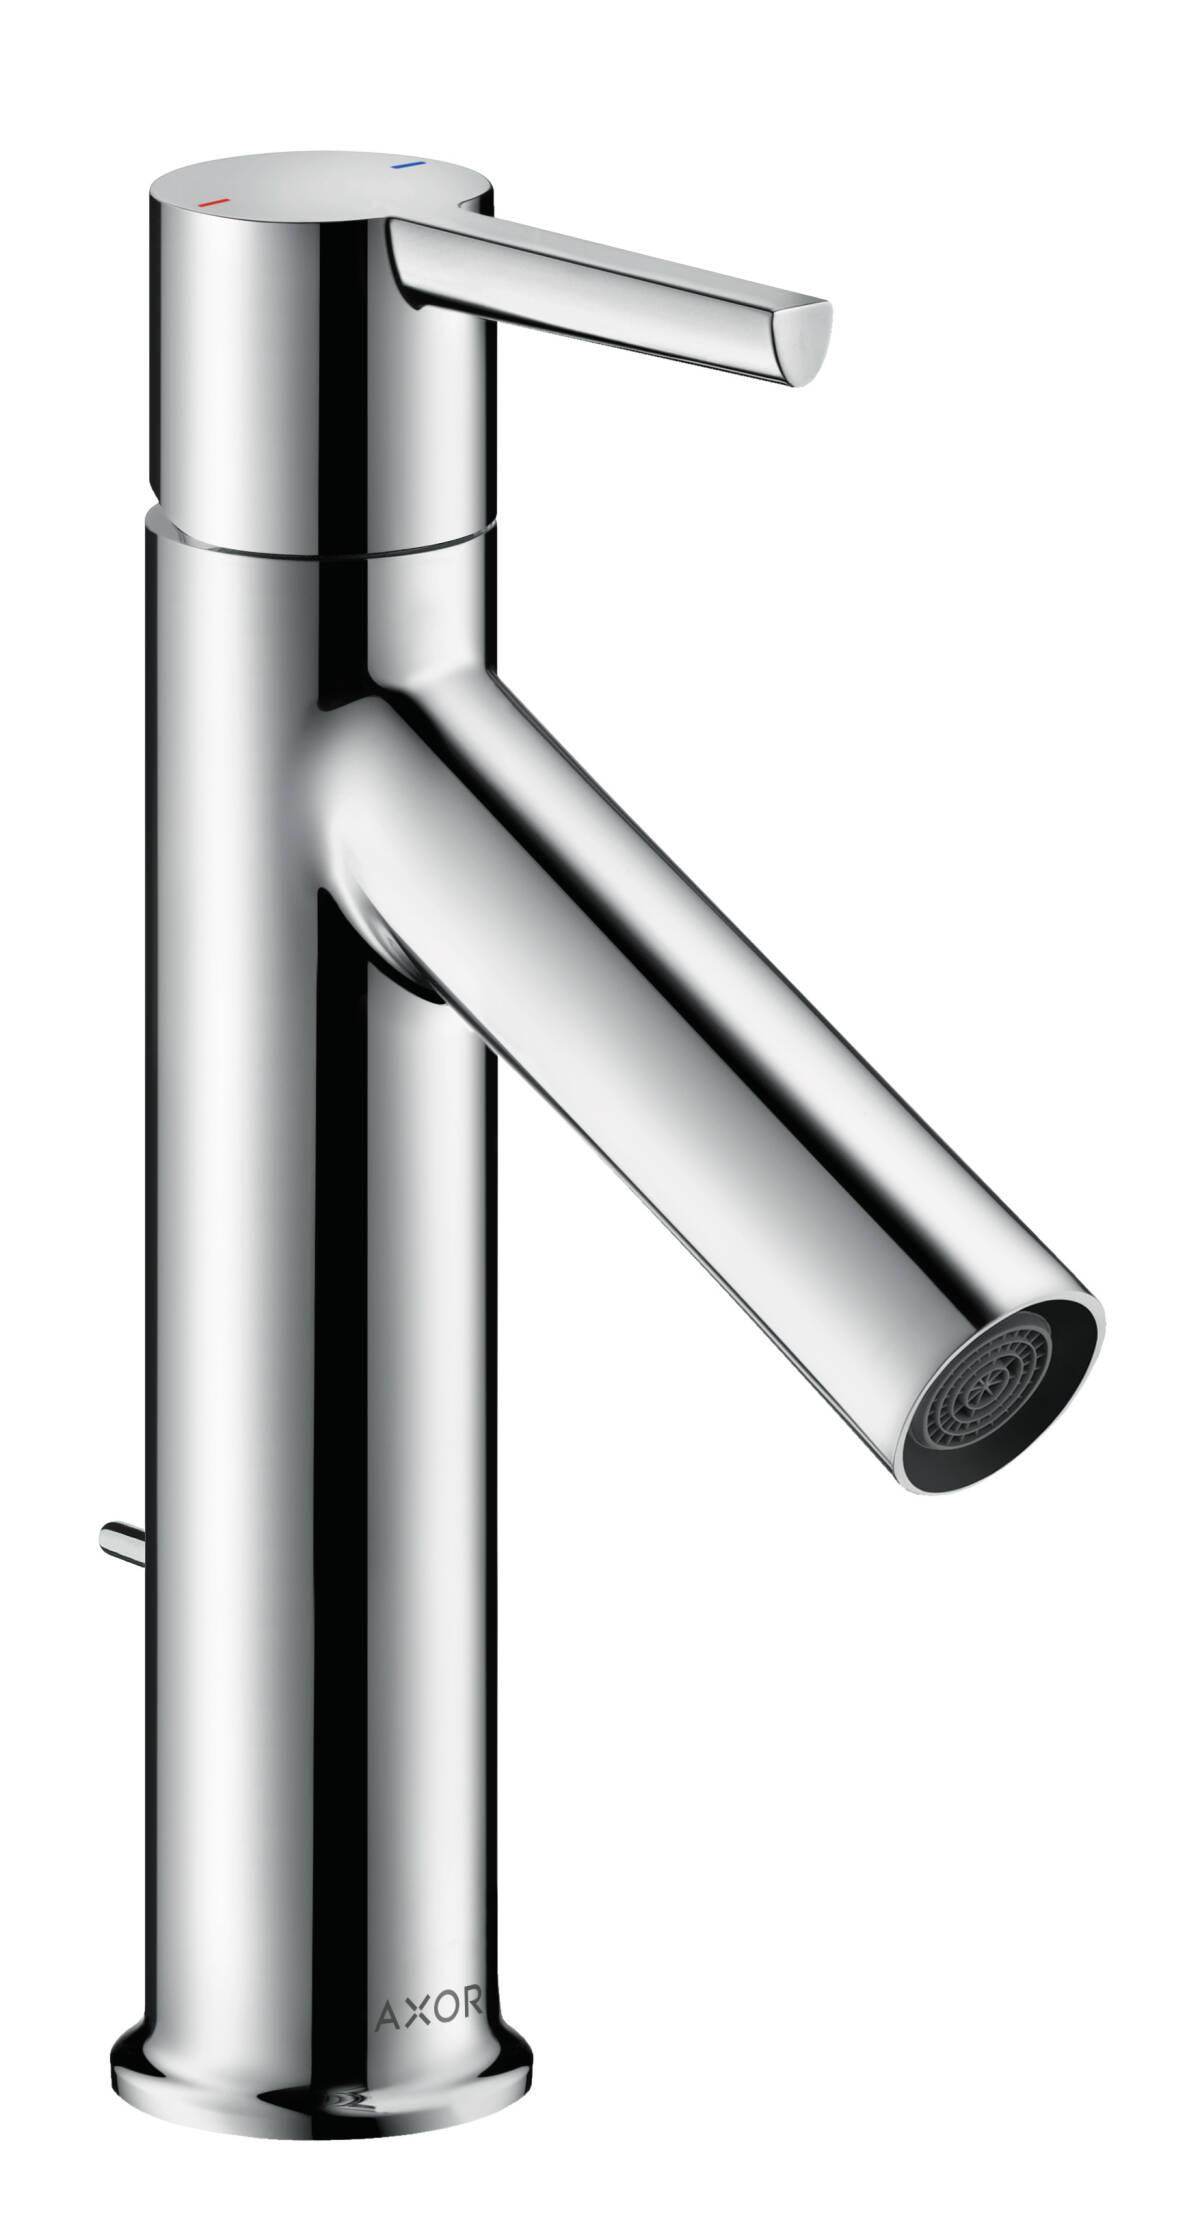 Mezclador monomando de lavabo 100 con manecilla y vaciador automático, cromo, 10001000